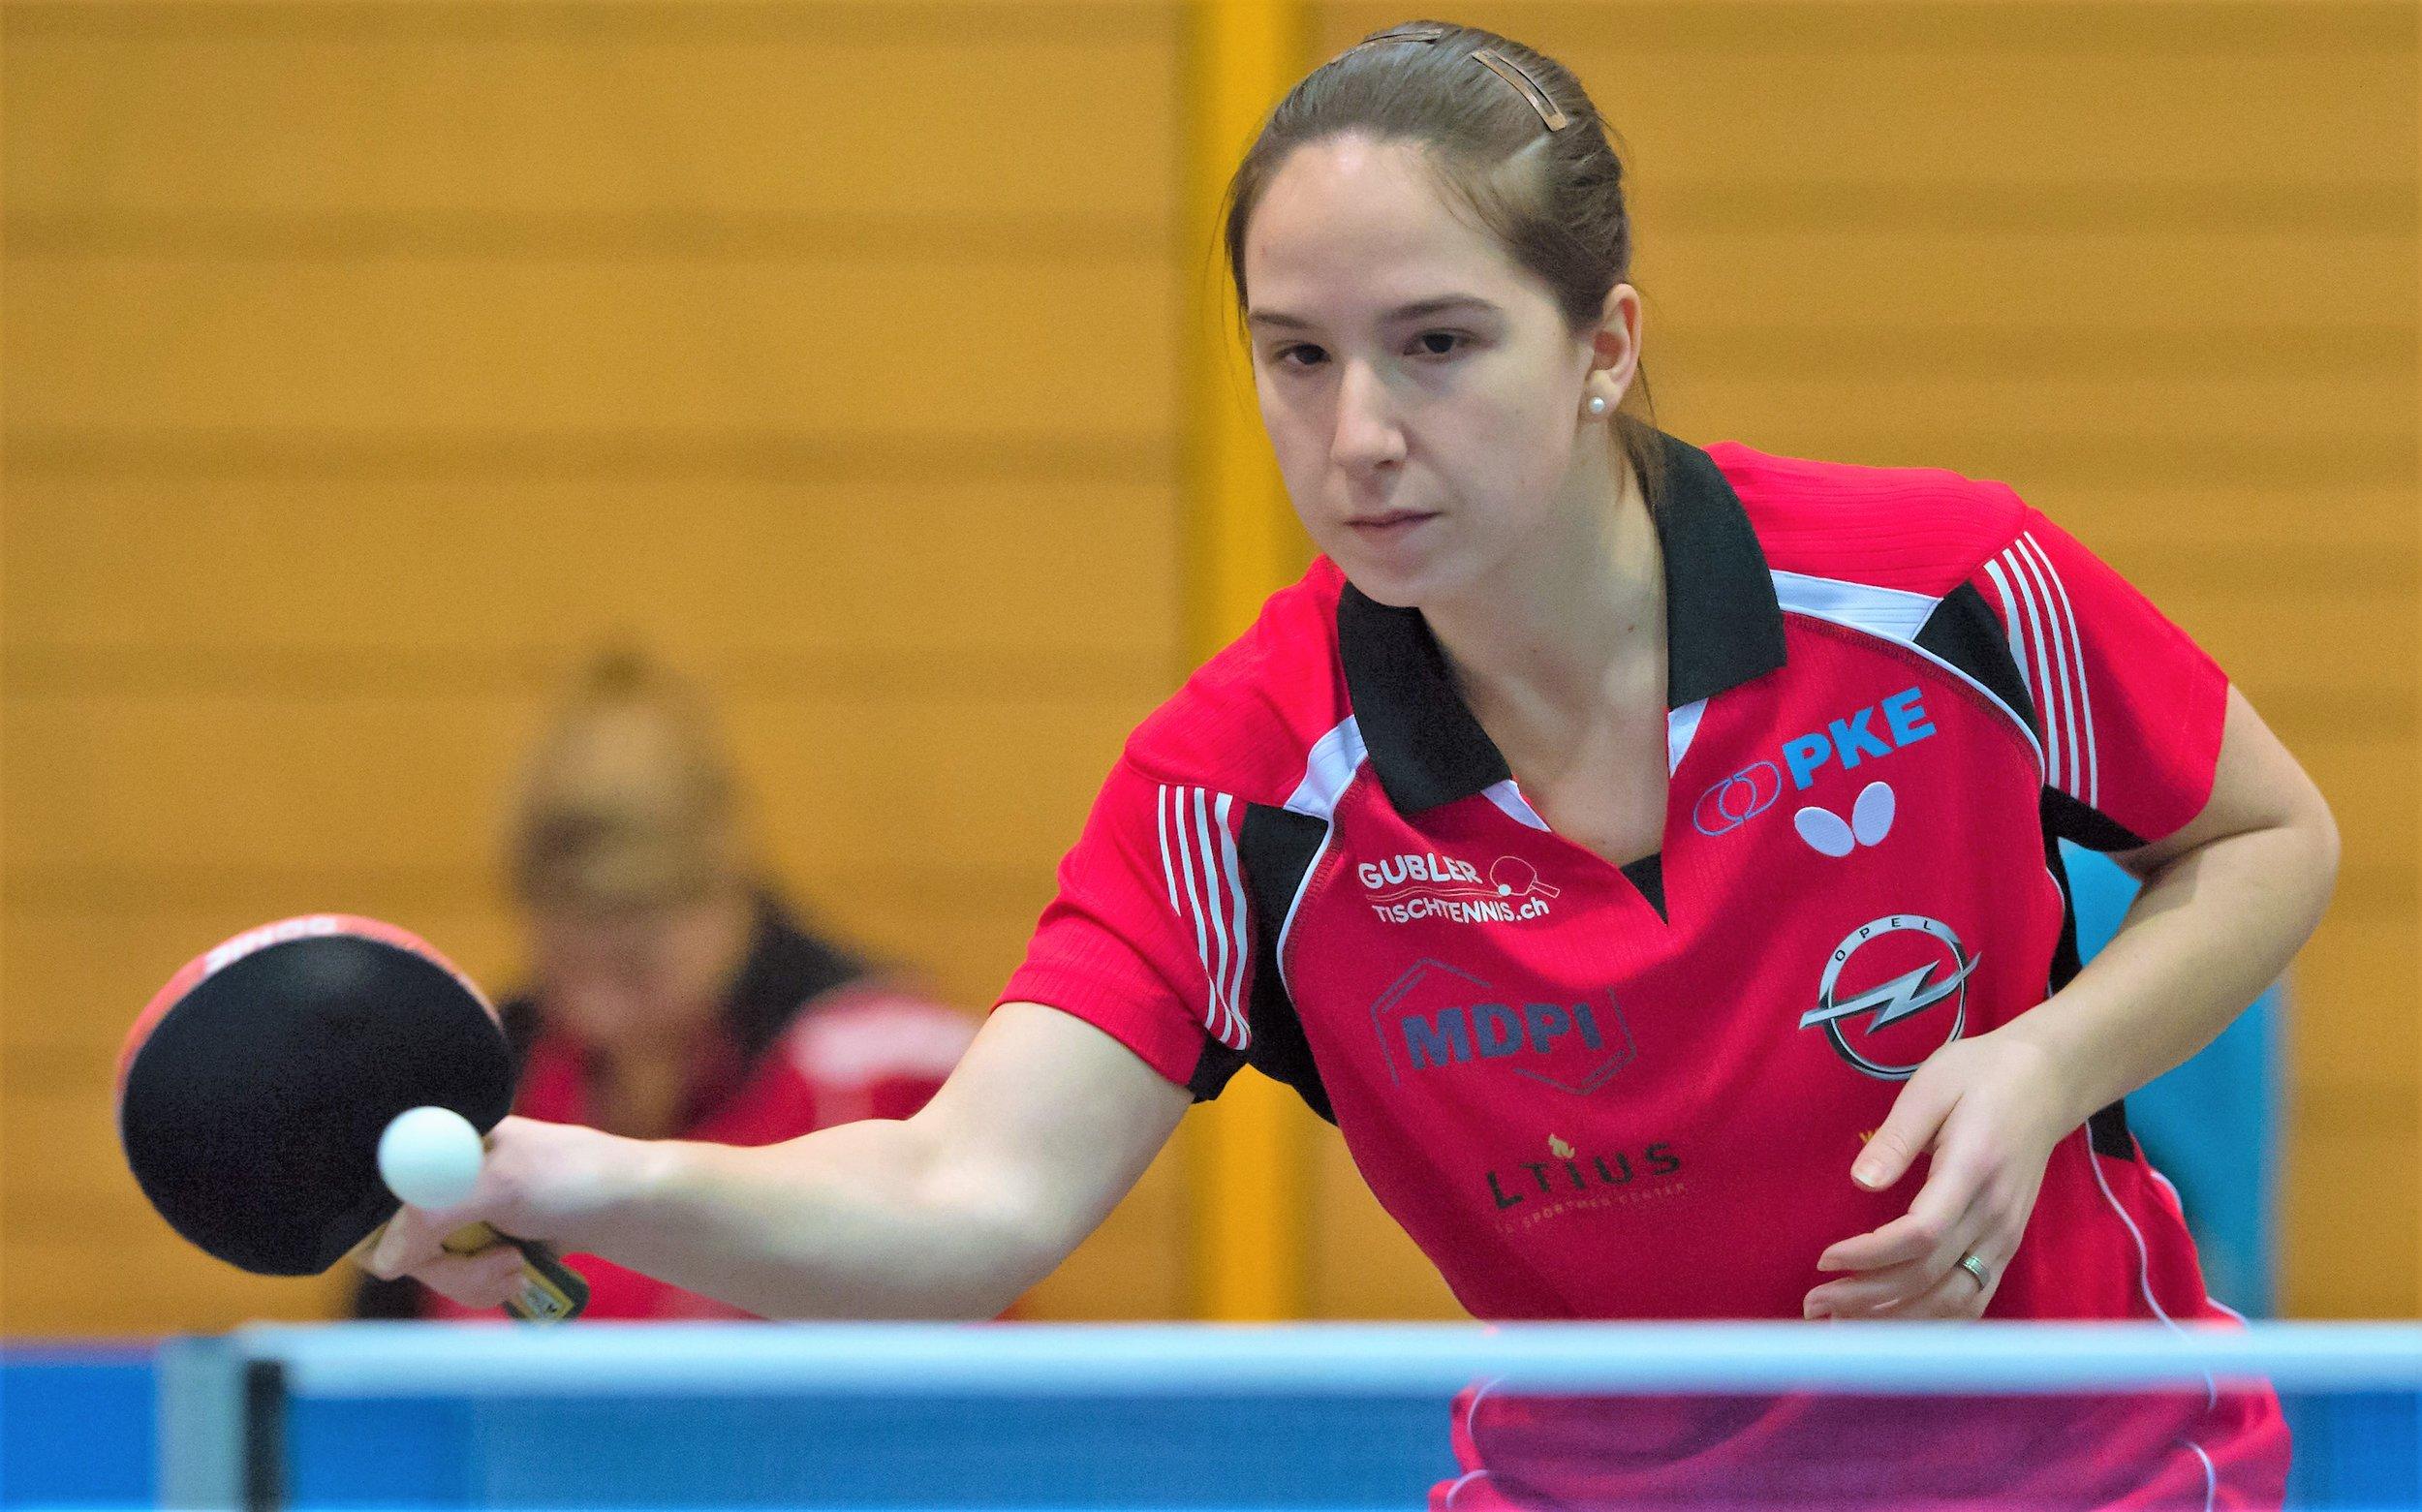 Rijana Zumbrunnen konnte im Rückspiel den entscheidenden Punkt holen. In der letzten Partie gegen Ramona Sperr konnte die Münchensteinerin einen 1:2-Satzrückstand noch zu ihren Gunsten drehen.